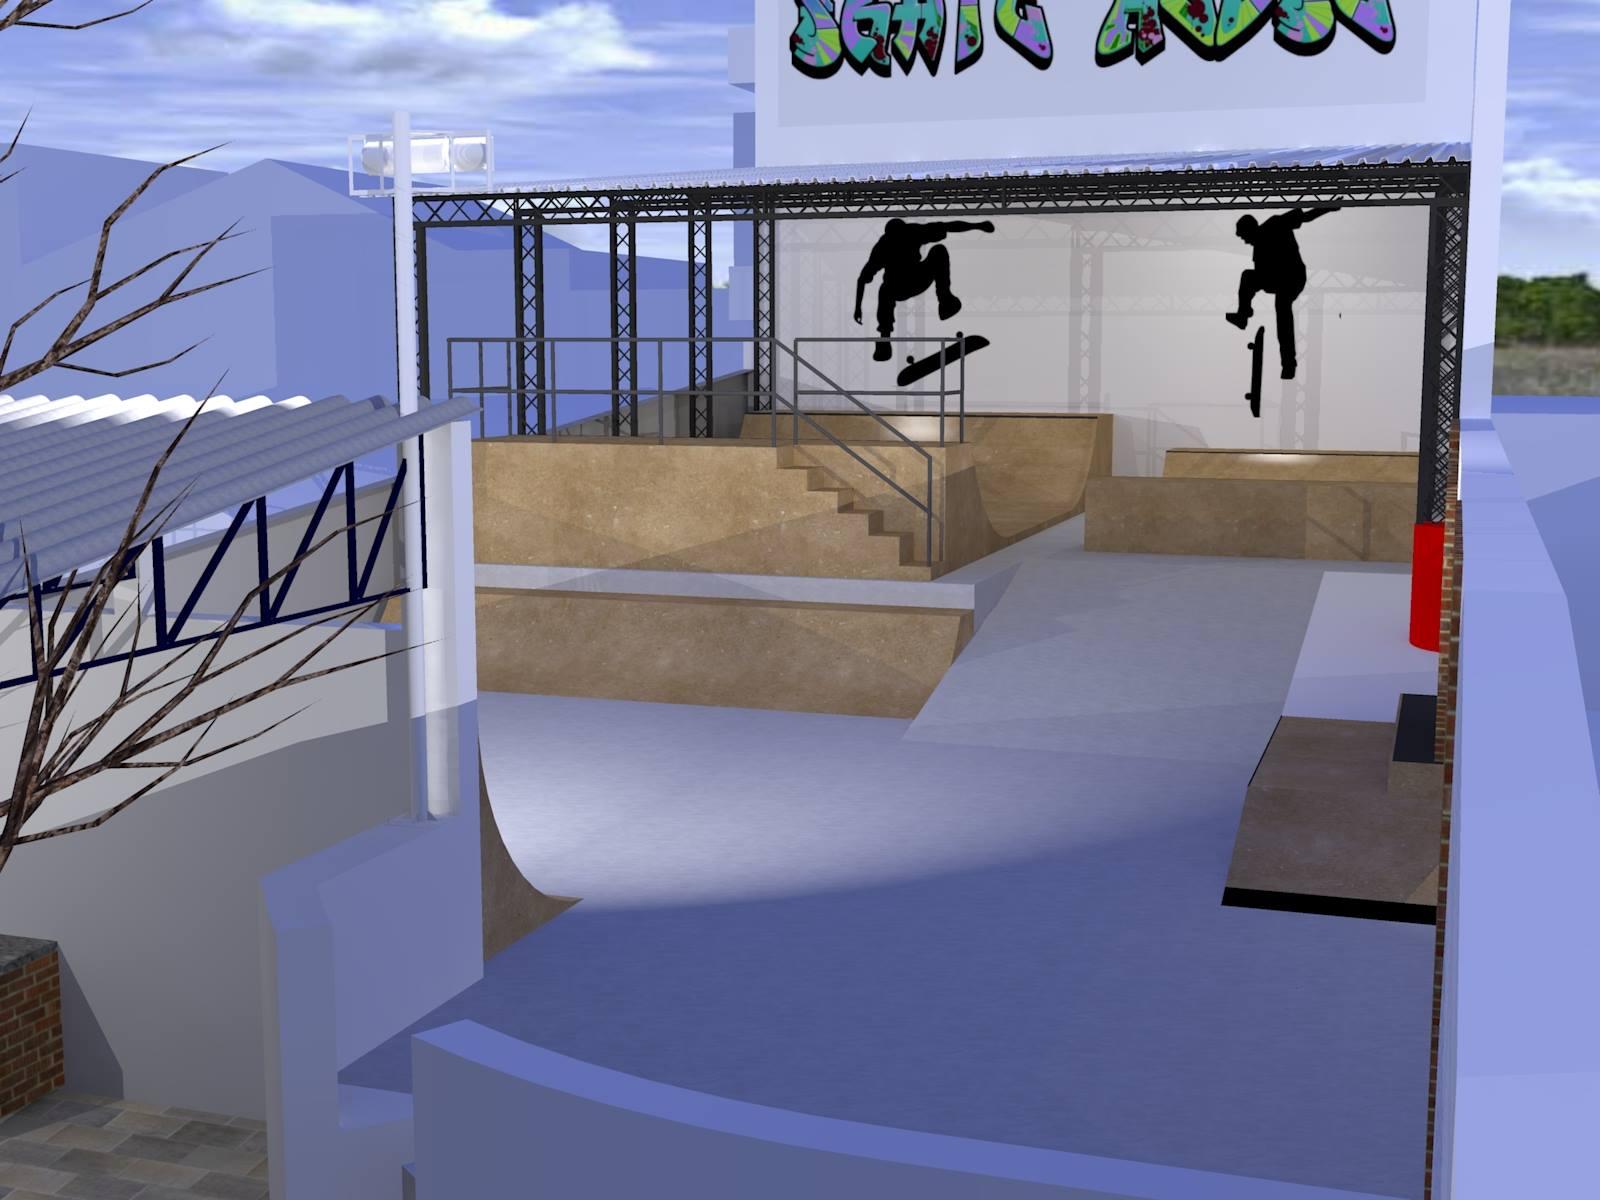 SkateHouseMockup2